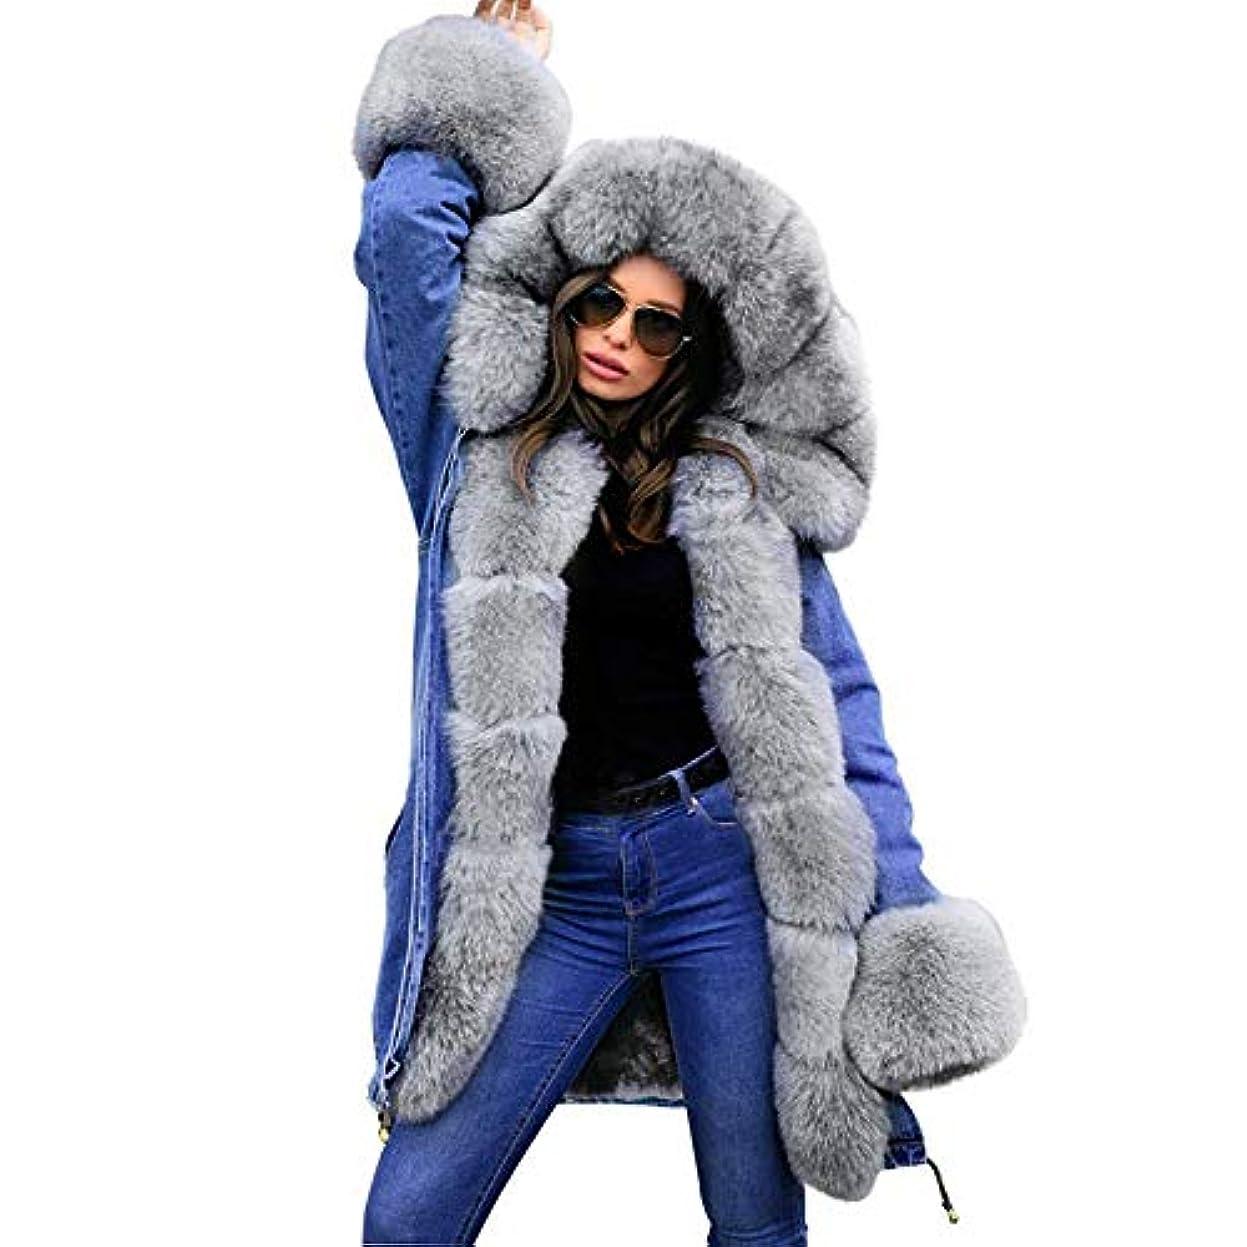 はげ登場高価な冬の女性のフード付きコートの毛皮の襟暖かいロングコートの女性の冬のジャケット女性のアウター,L